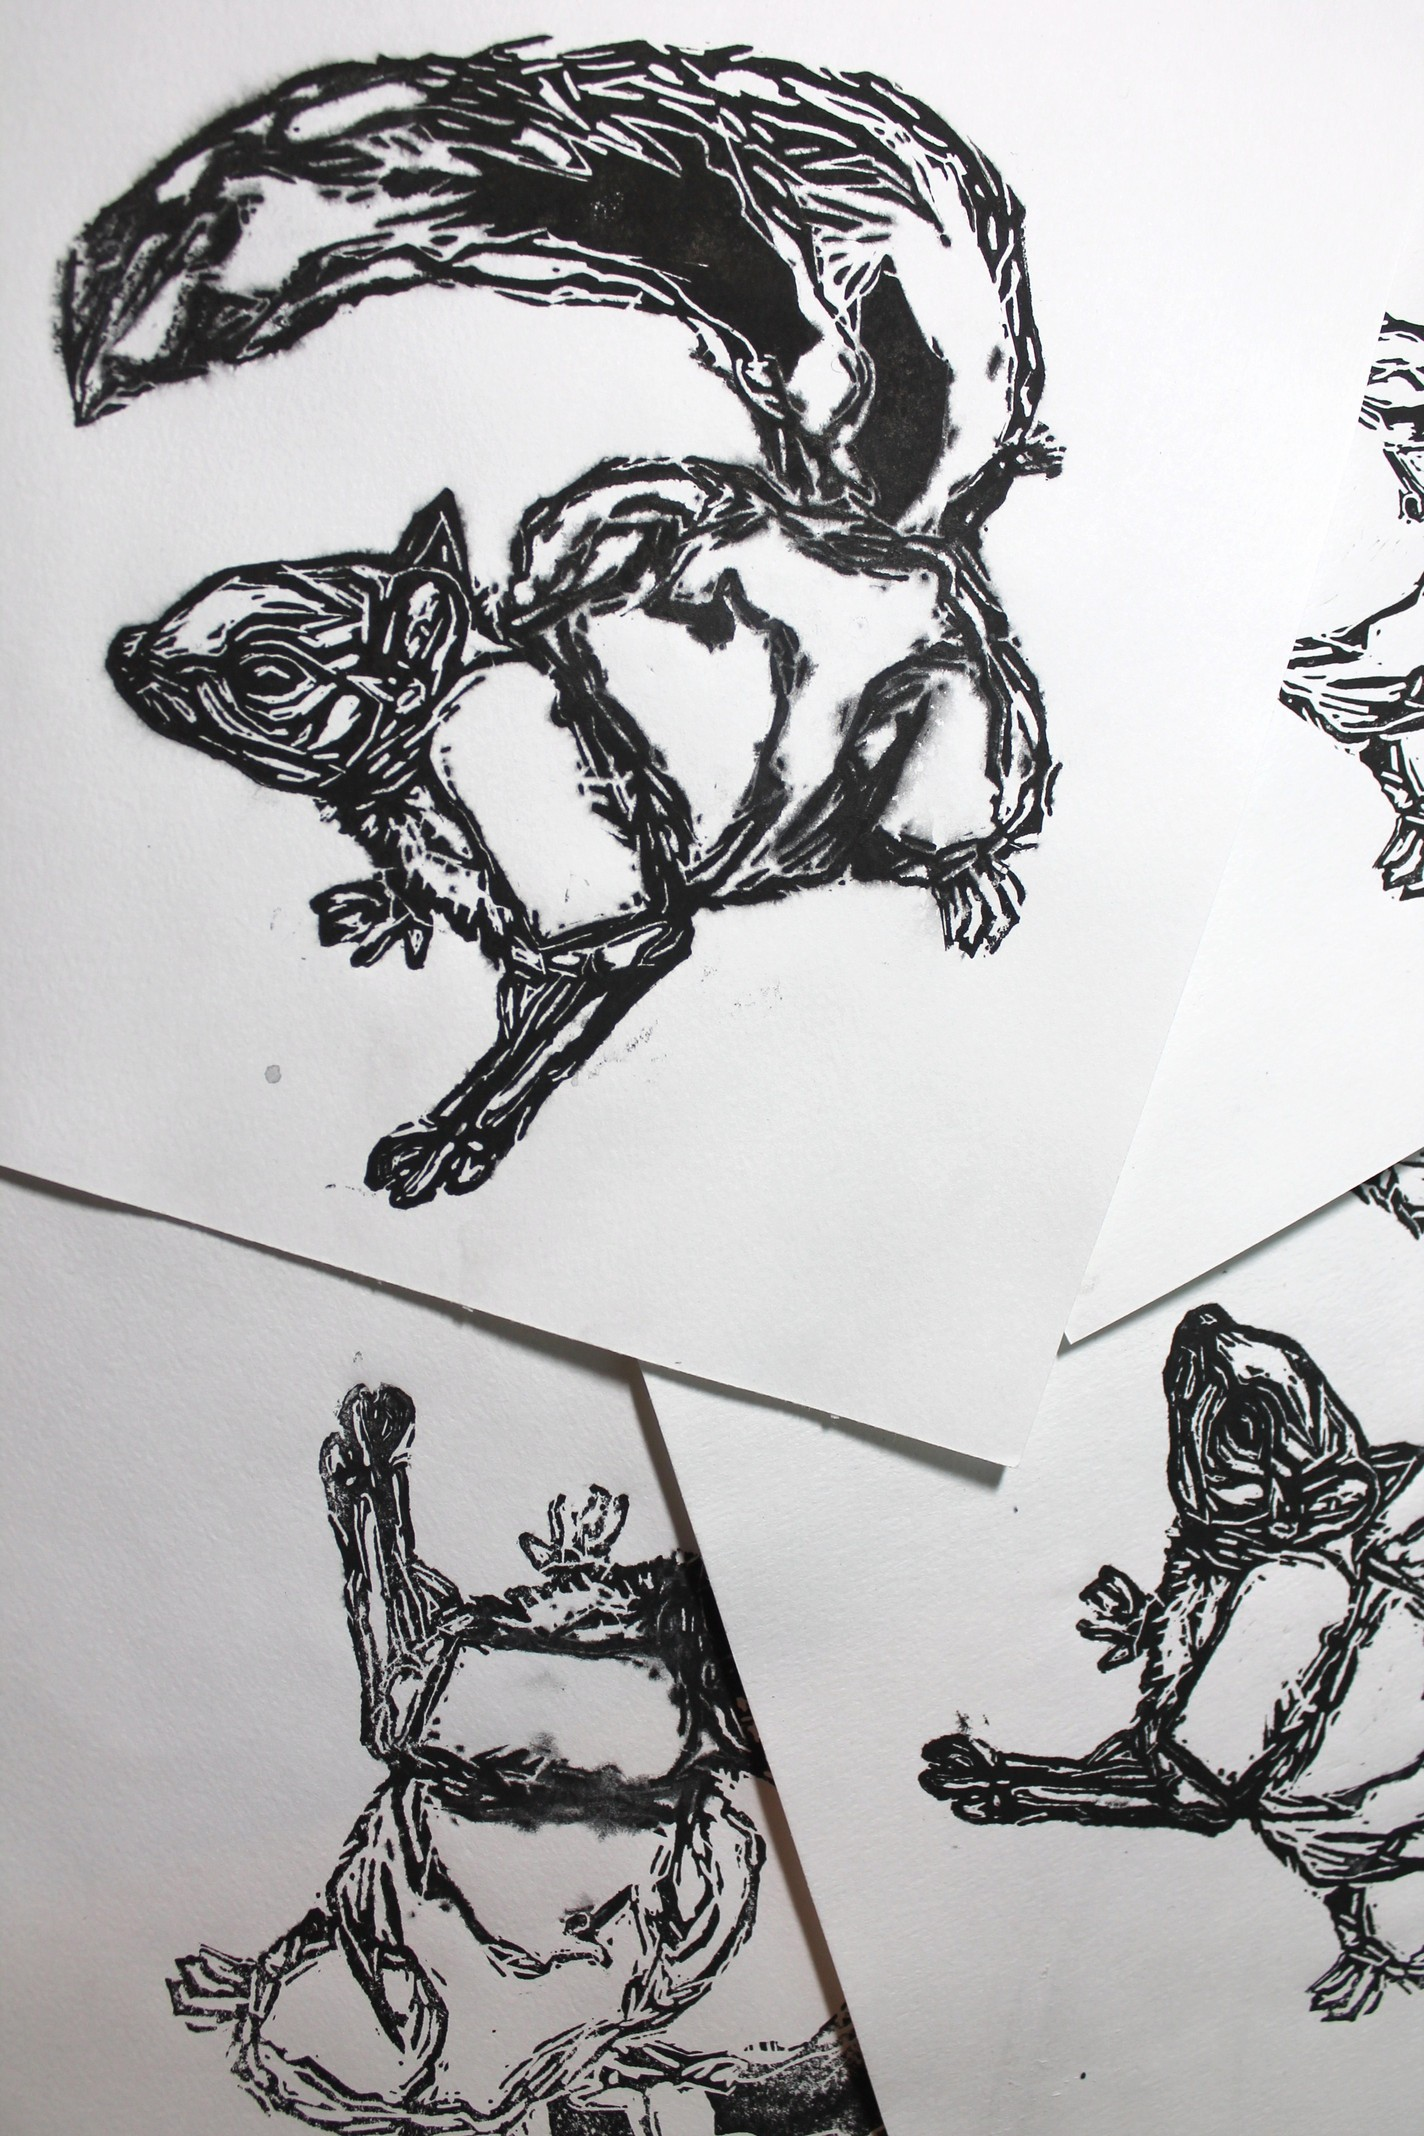 squirrel-print8.jpg.JPG